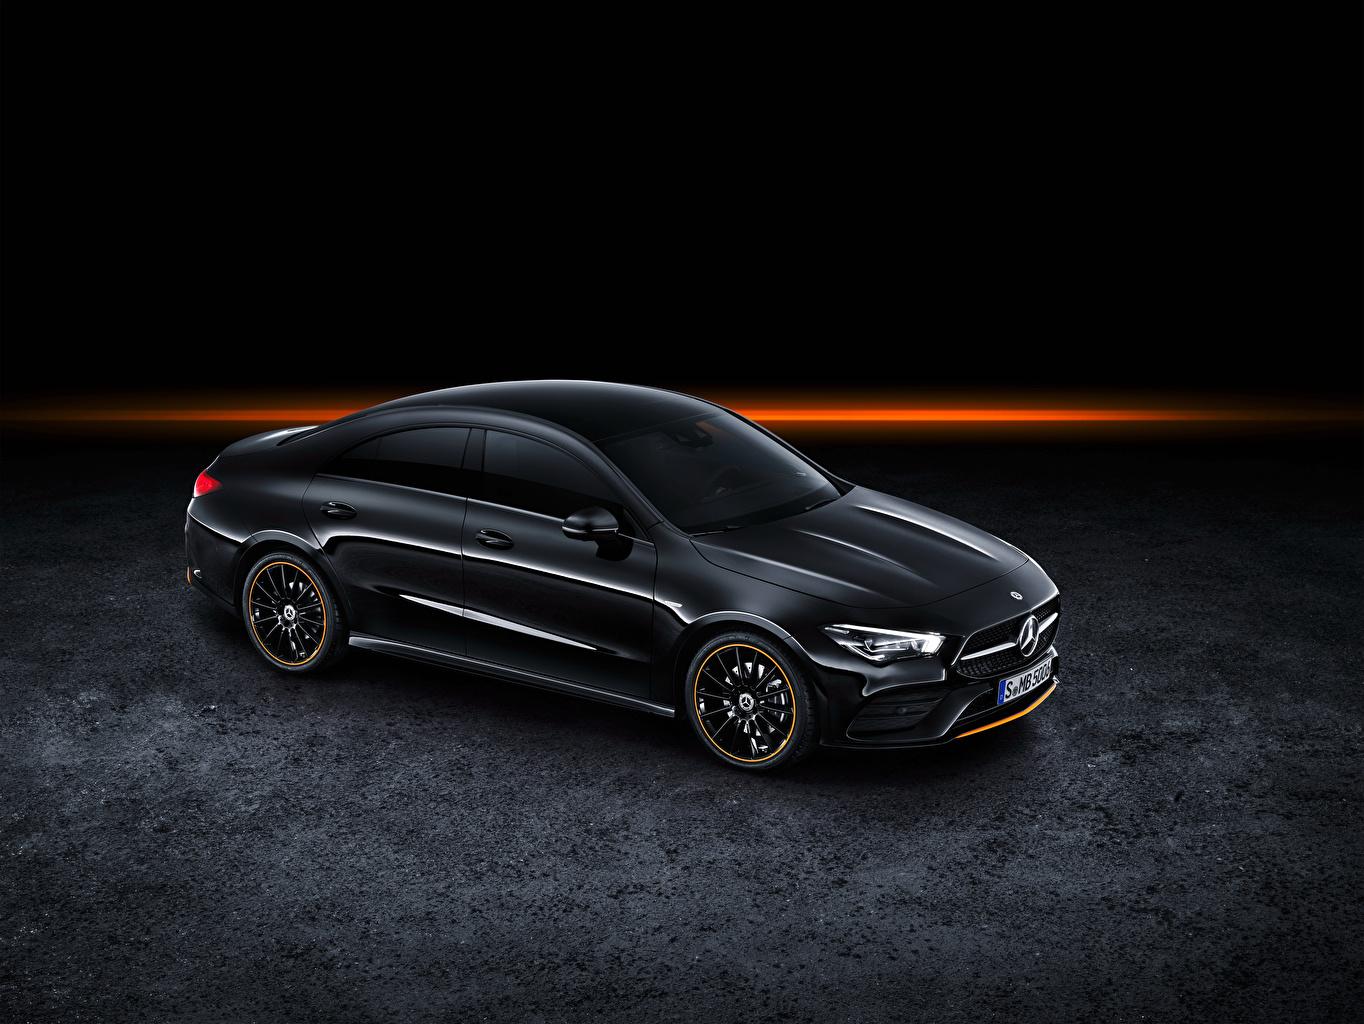 Фотография Mercedes-Benz 2019 CLA 250 AMG Line Edition Orange Art Worldwide Черный Авто Мерседес бенц Машины Автомобили